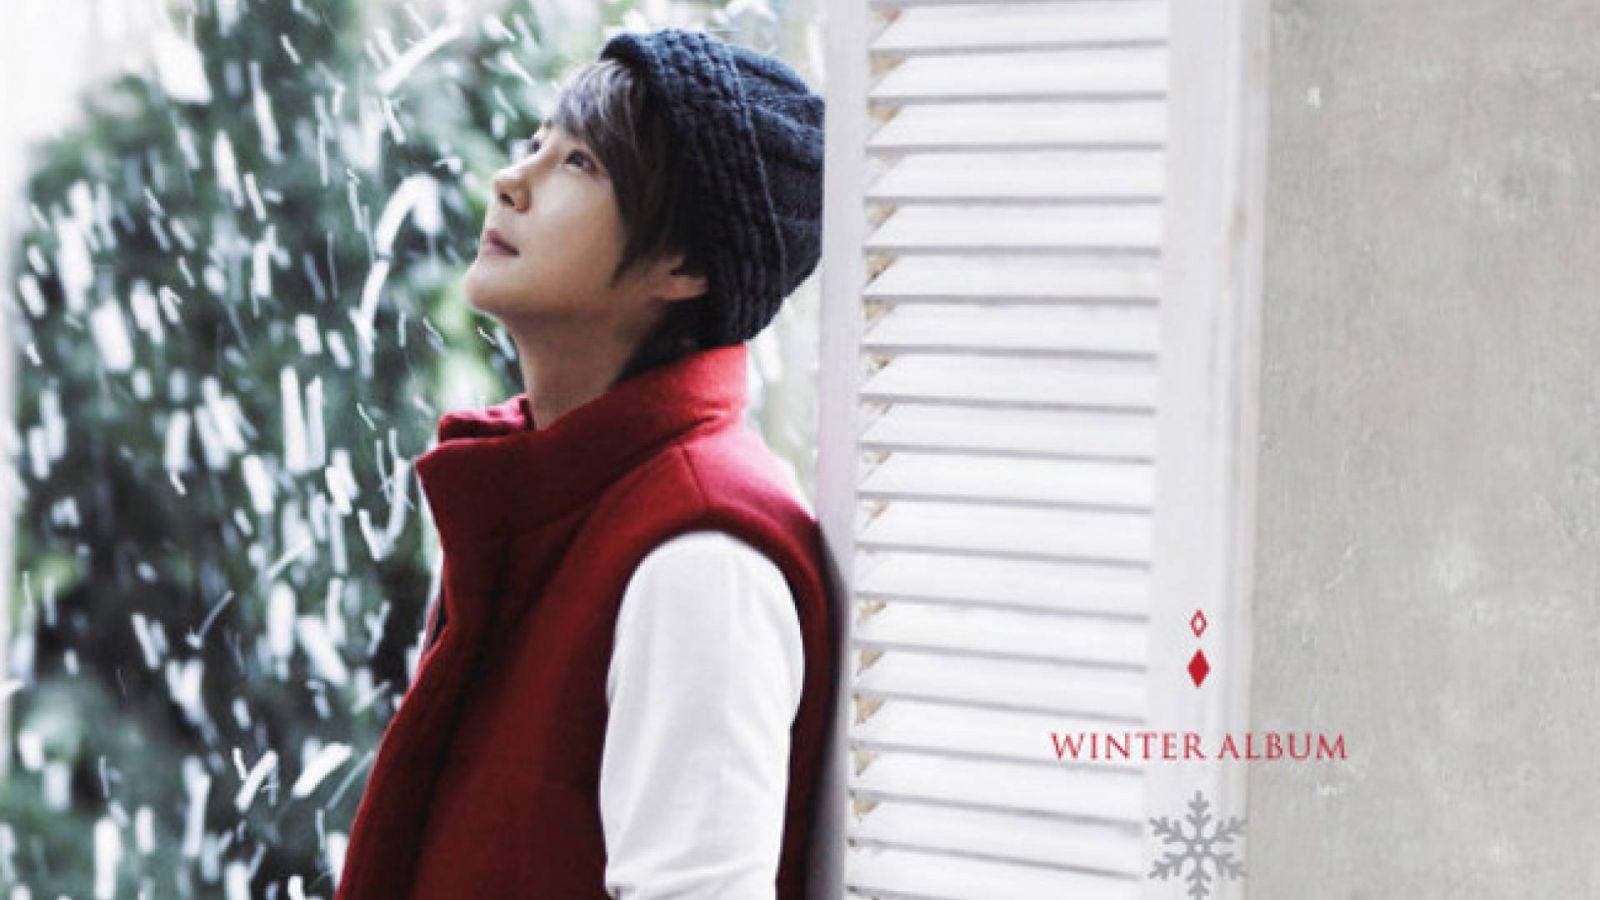 Shin Hyesung's Winter Album © Shin Hyesung